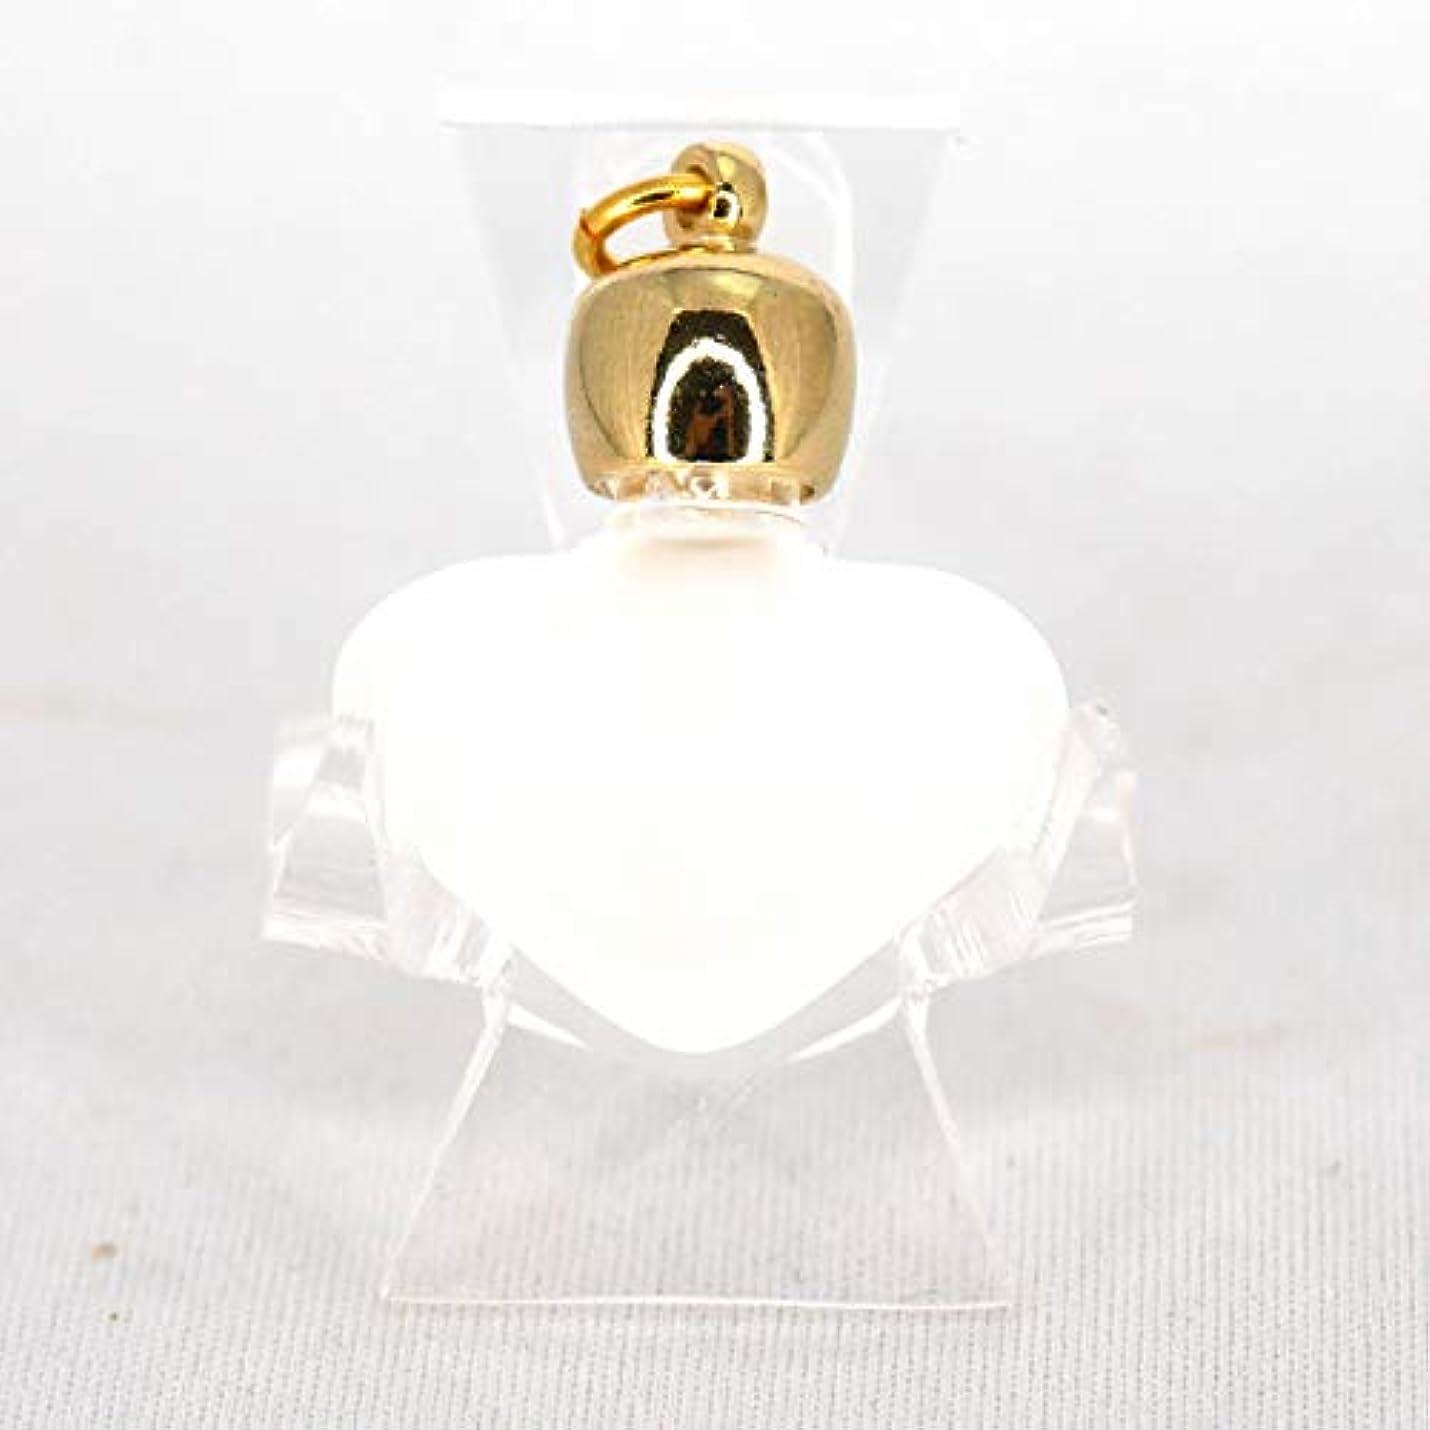 バケット複合果てしないミニ香水瓶 アロマペンダントトップ ハートフロスト(すりガラス)0.8ml?ゴールド?穴あきキャップ、パッキン付属【アロマオイル?メモリーオイル入れにオススメ】